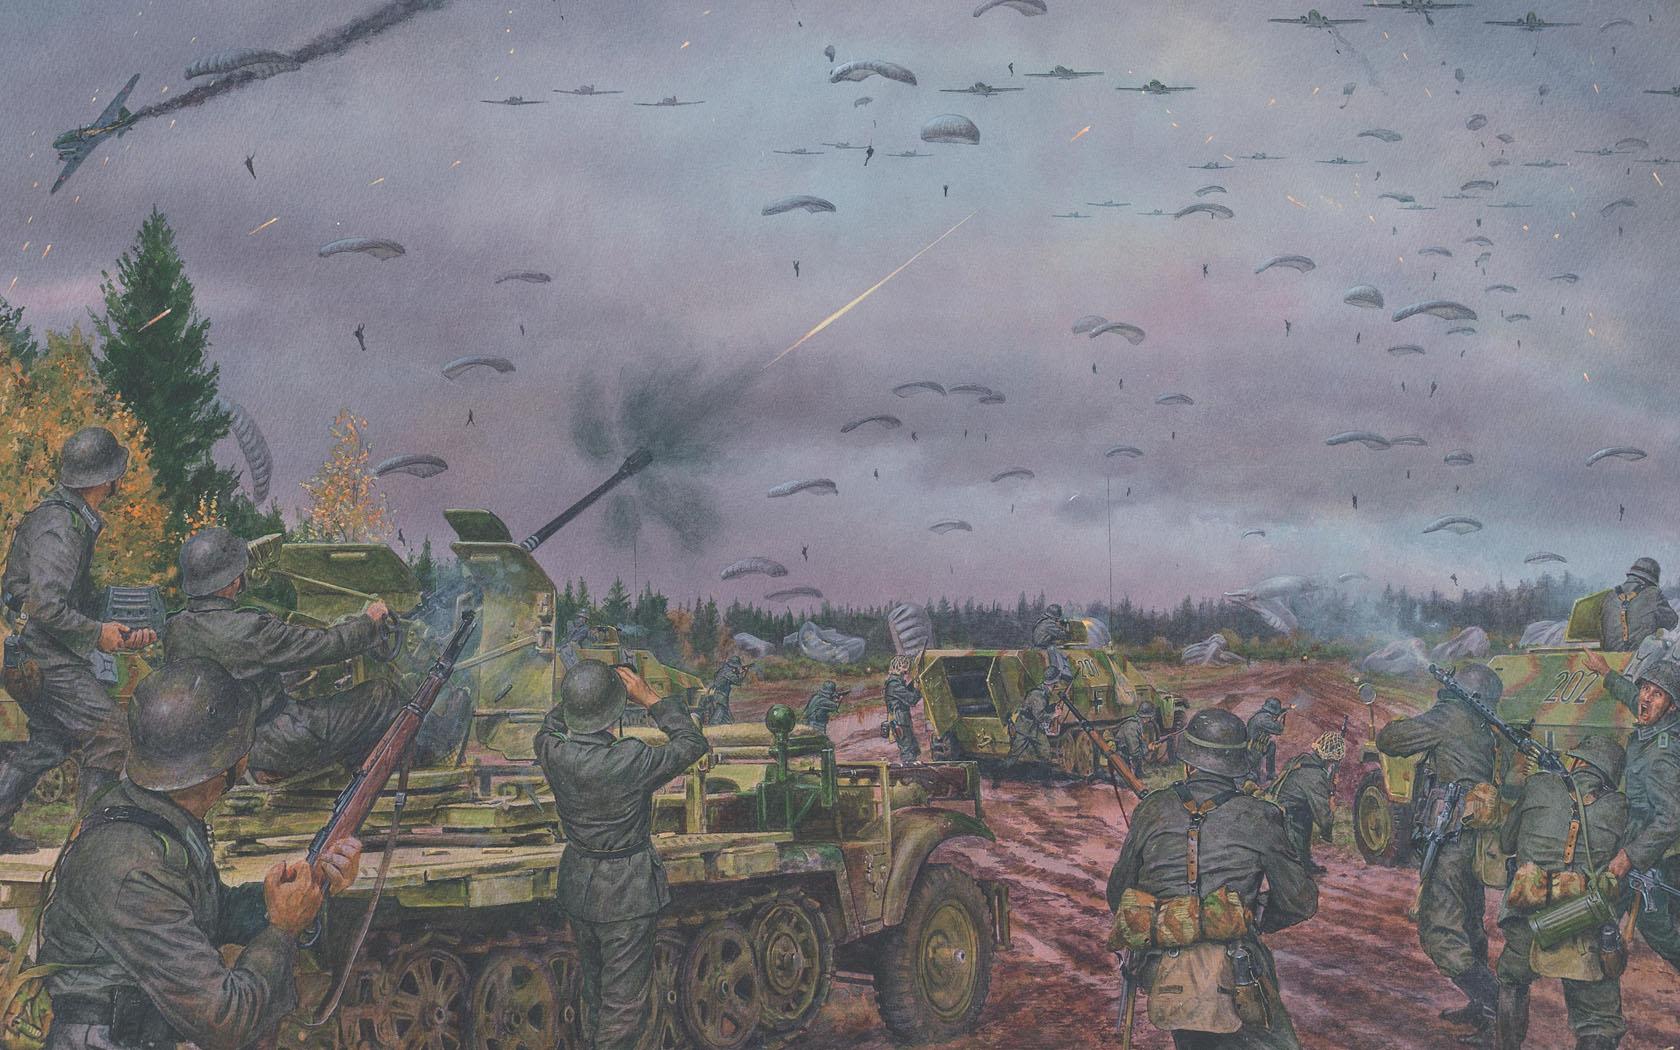 рисунок Каневская воздушно-десантная операция